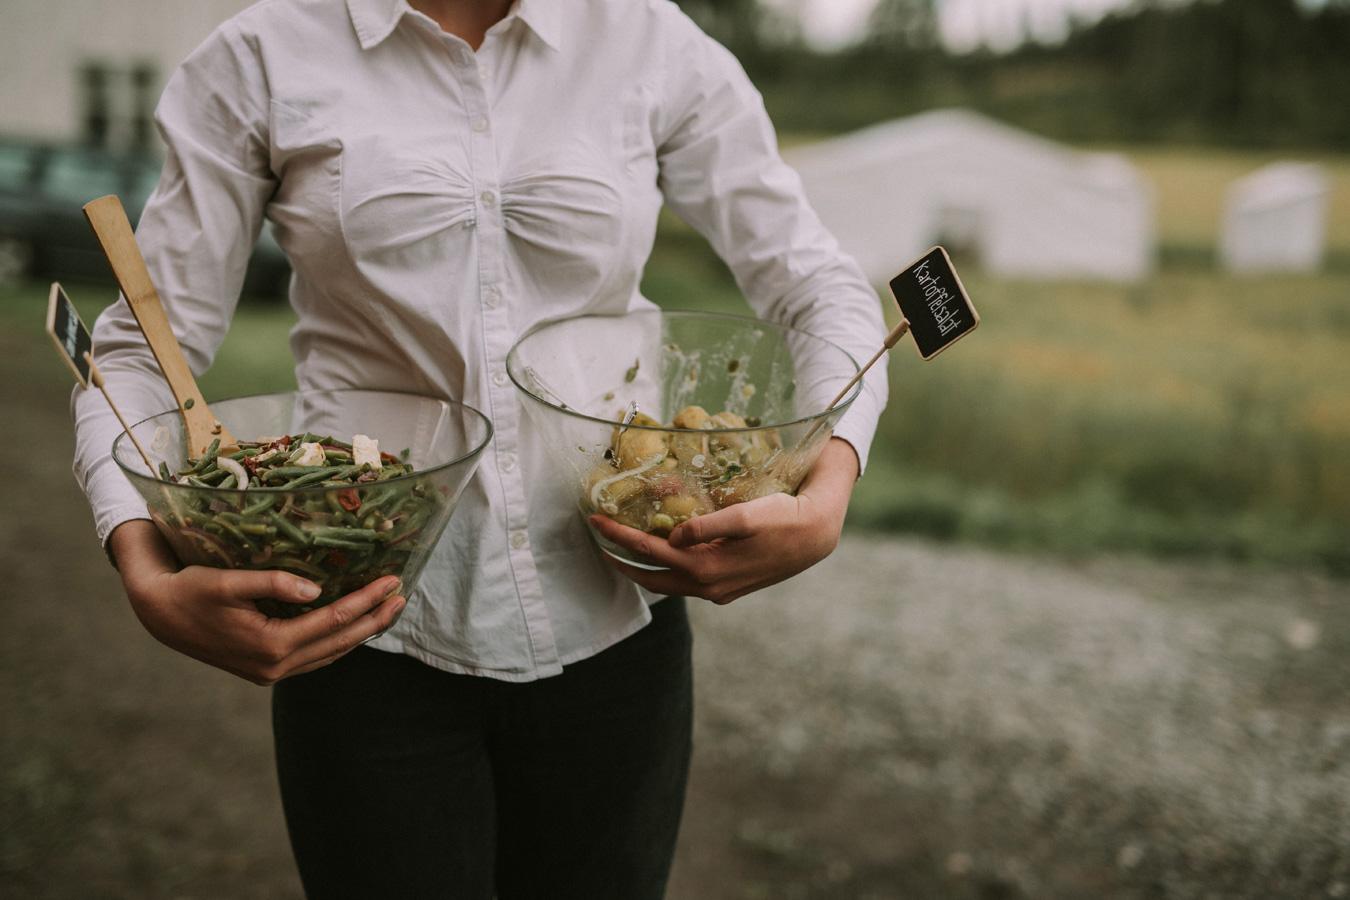 056-bryllupsfotograf-oslo-drobak-laavebryllup-tone-tvedt.jpg